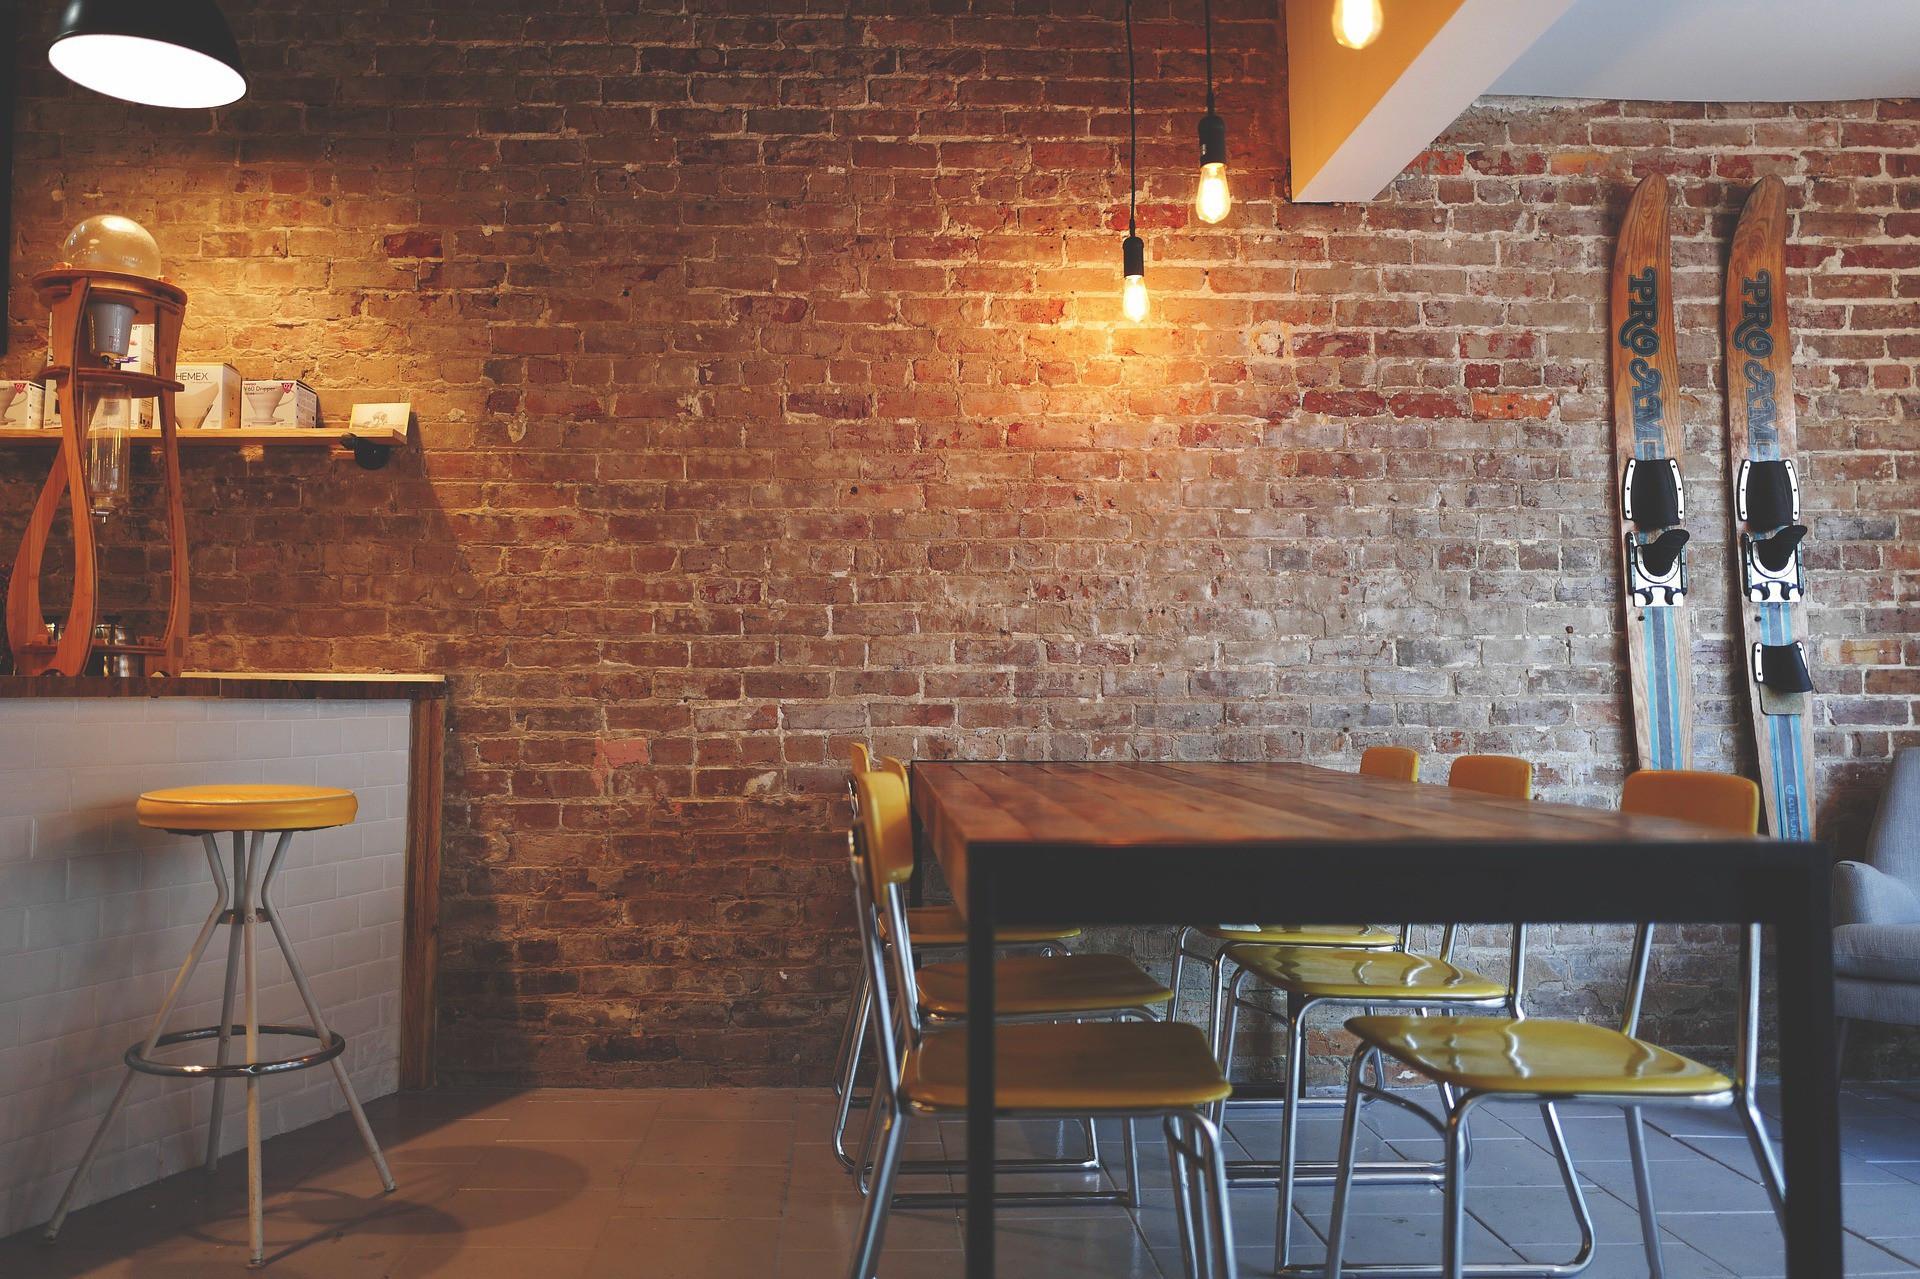 (Foto: Pexels/pixabay)Tijolinhos vão bem em ambientes variados